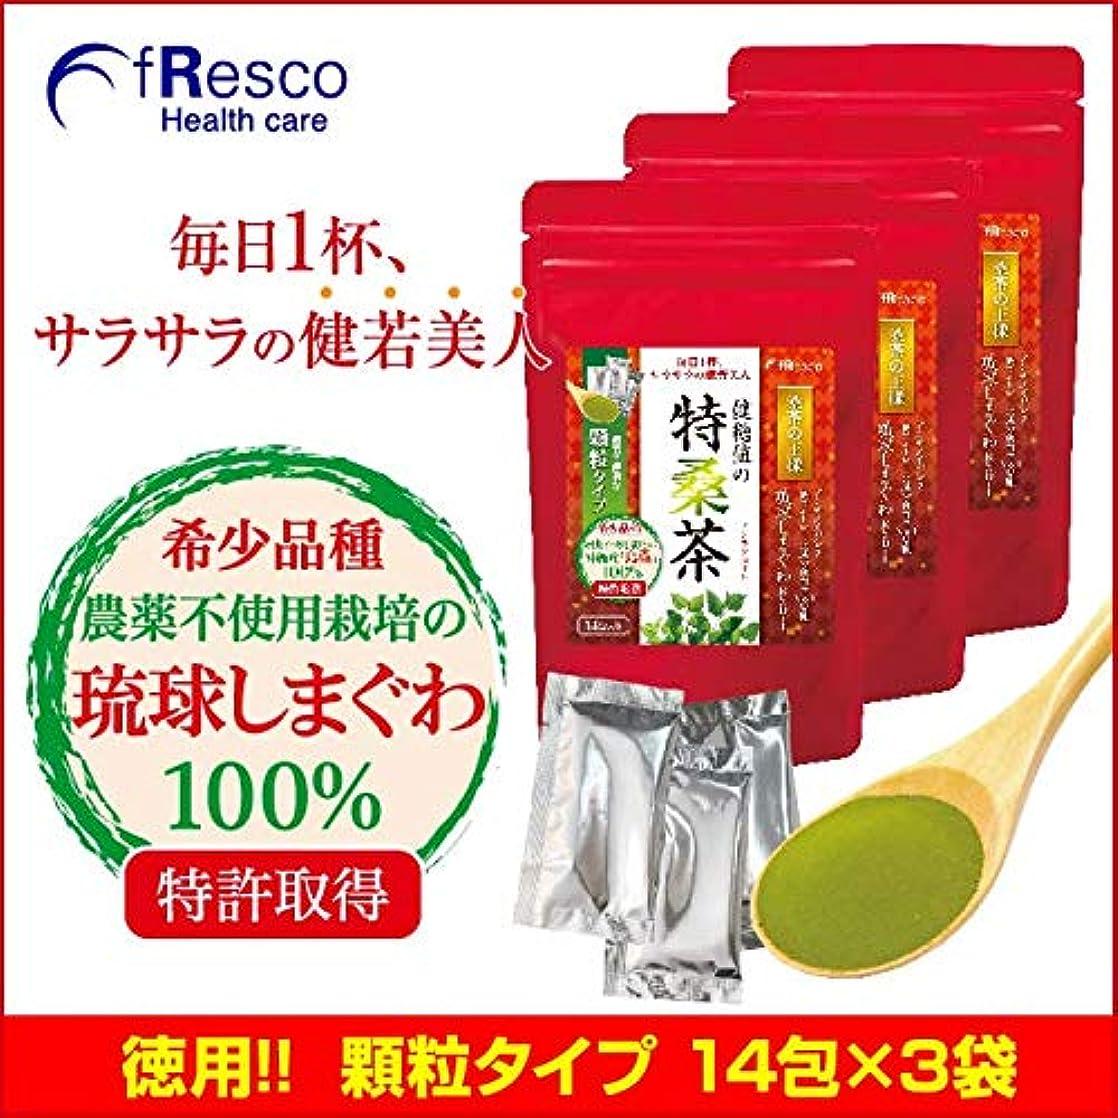 ブランド虚弱パキスタン桑茶の王様 琉球しまぐわ 健糖値の特桑茶 顆粒タイプ14包 90日分(3個セット)